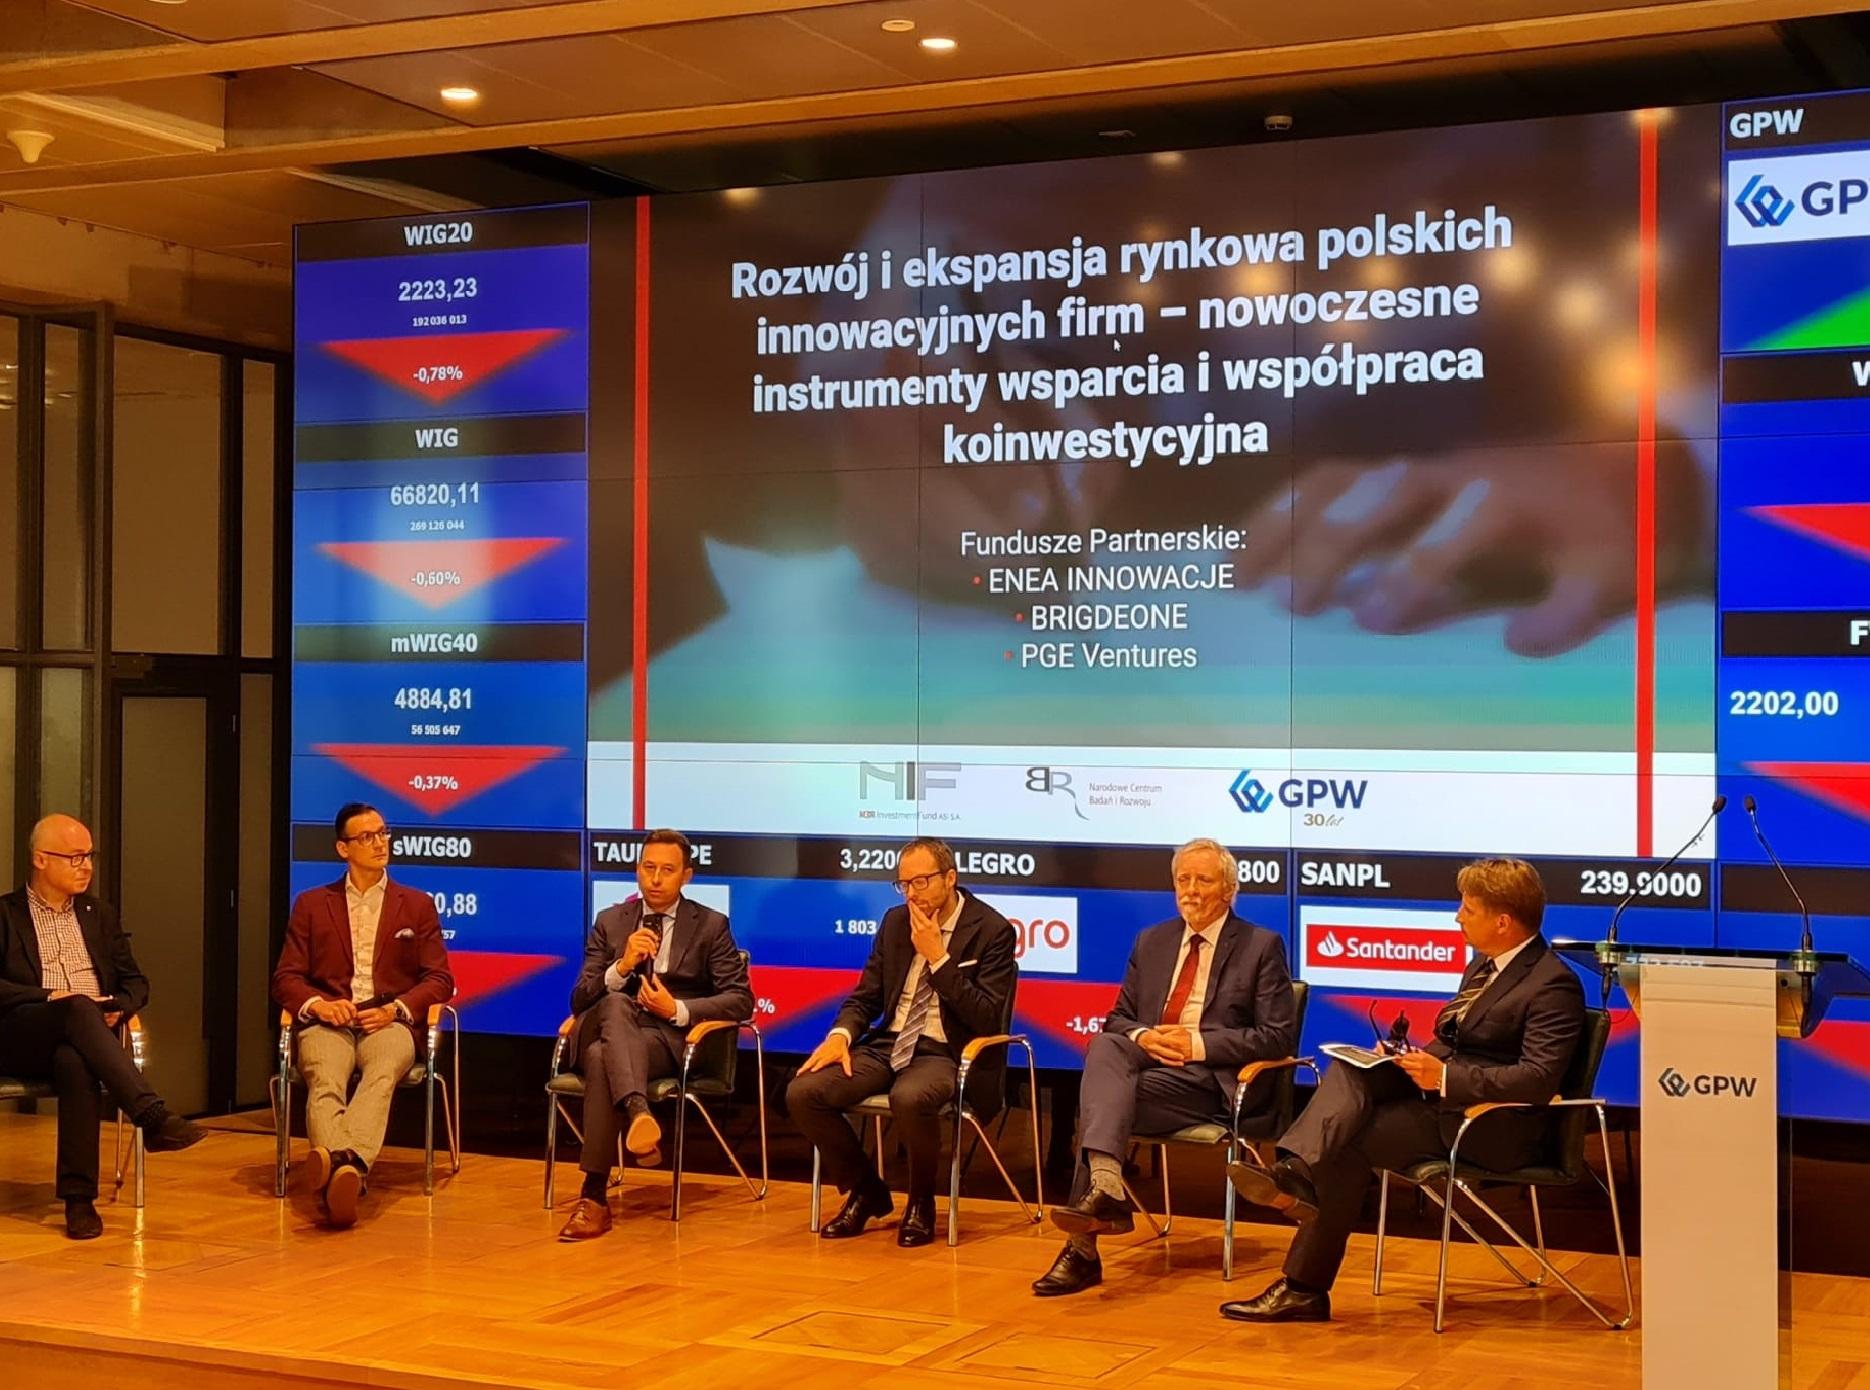 Enea Innowacje i NCBR Investment Fund ASI będą wspólnie inwestowały (fot. mat. pras. Enea)